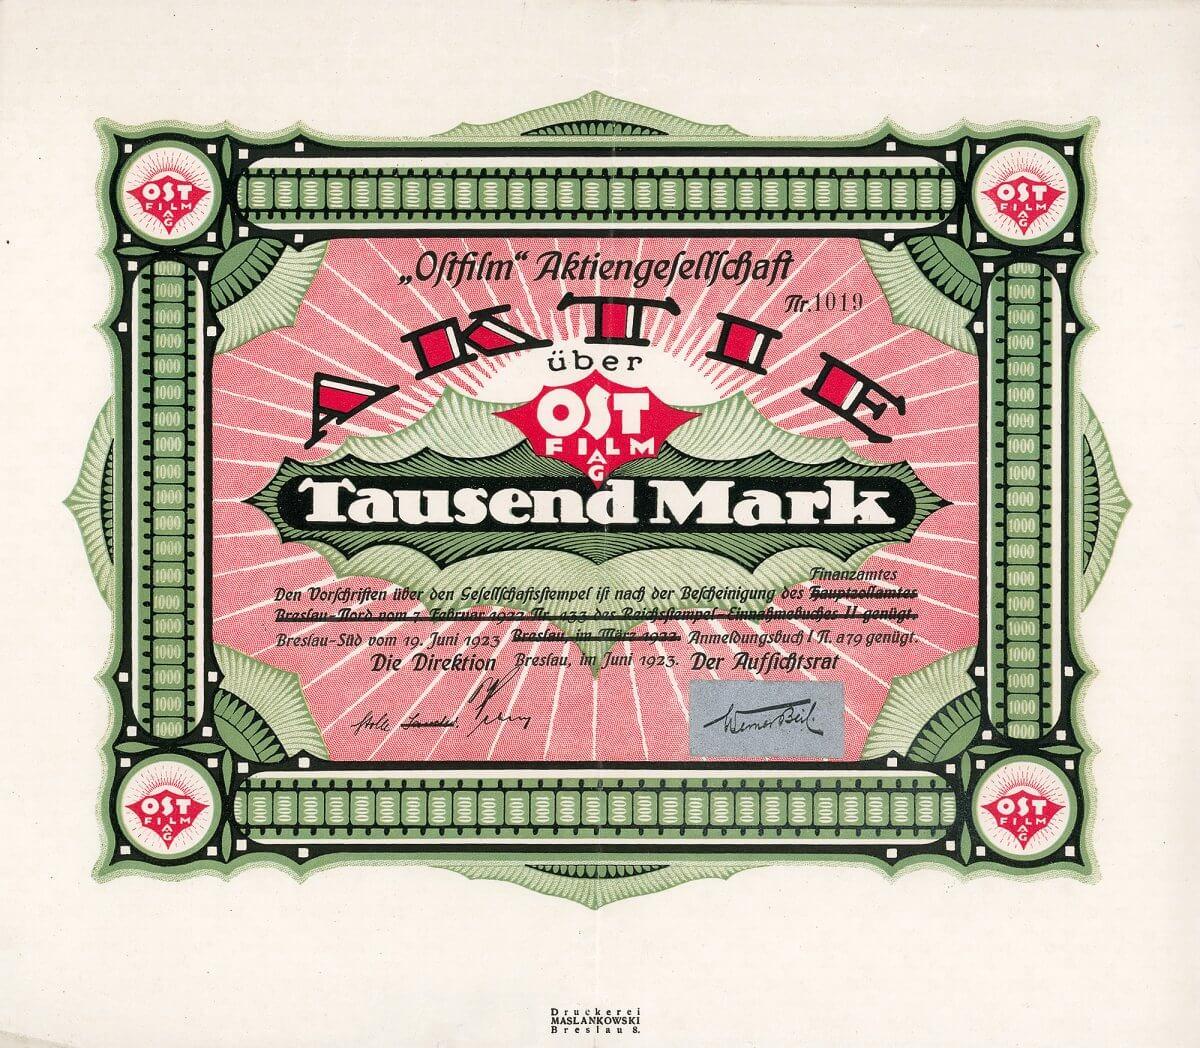 Ostfilm AG, Breslau, Aktie über 1000 Mark von 1923. Gründung 1922 zum Verleih von Filmen sowie Handel mit sämtlichen Apparaten und Zubehör der Filmbranche. Filiale in Leipzig.